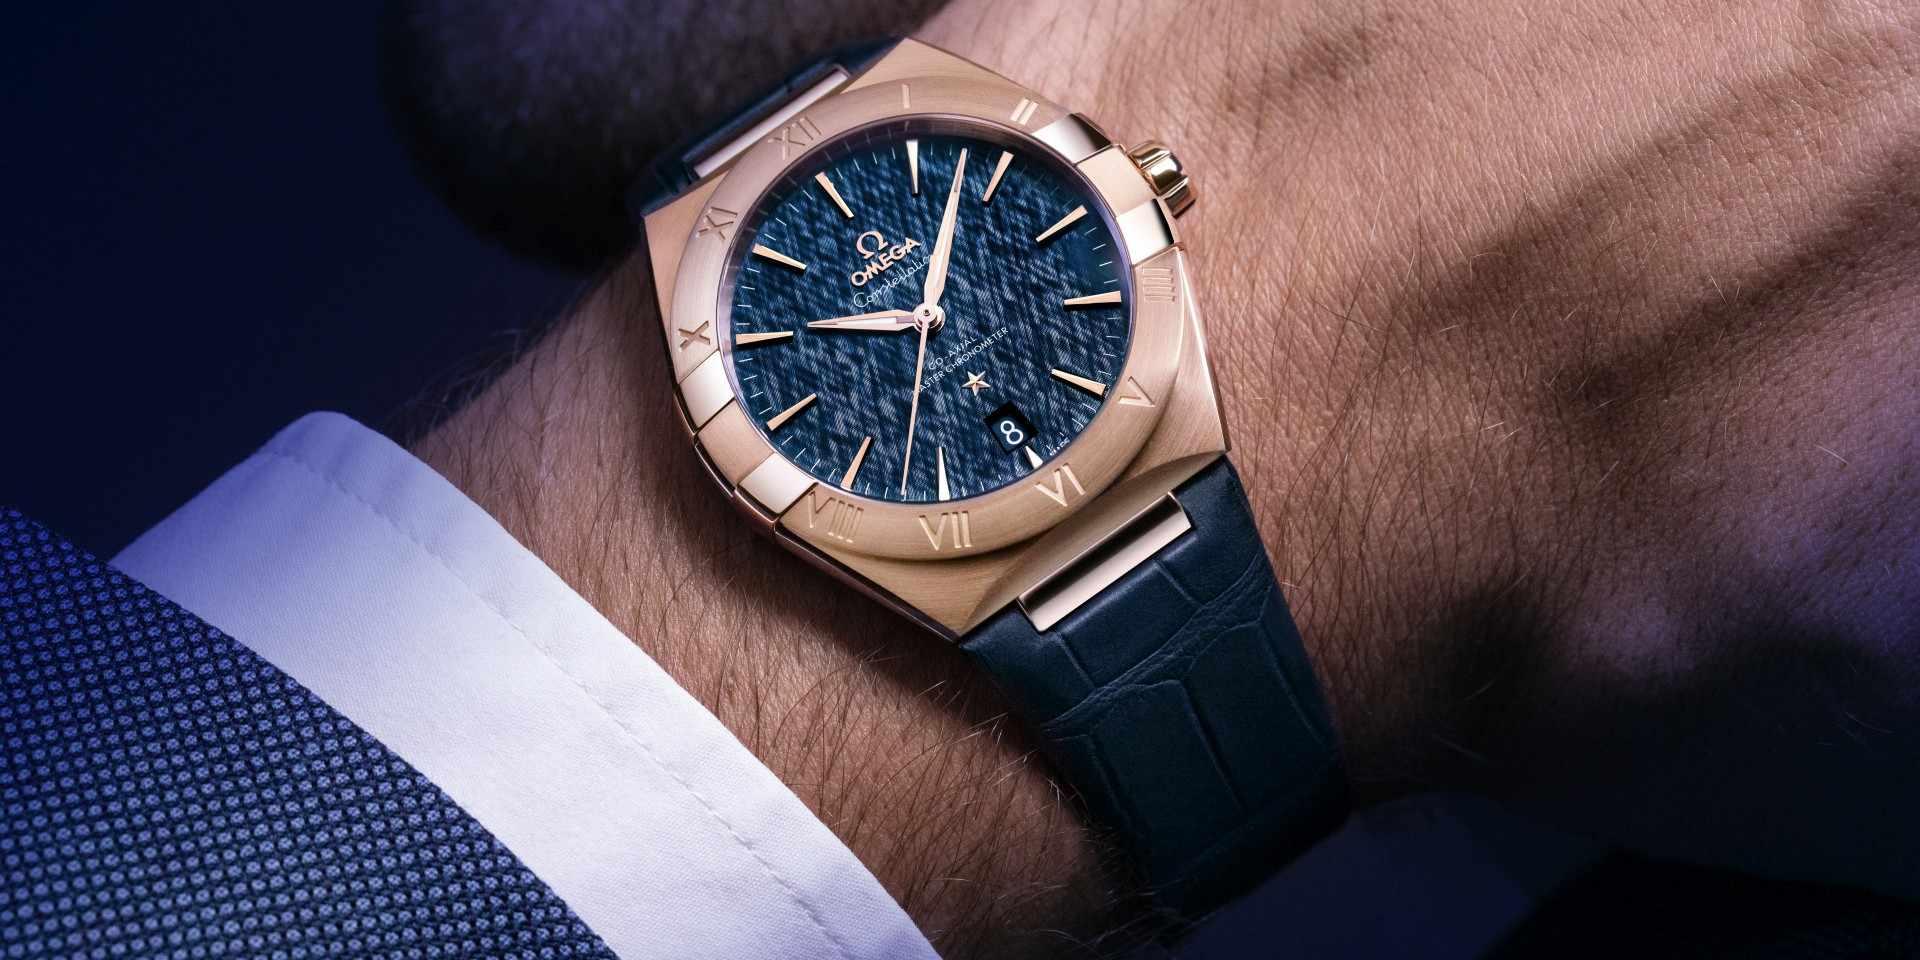 歐米茄Constellation星座系列全新同軸擒縱39毫米大師天文台腕錶,隆重登場